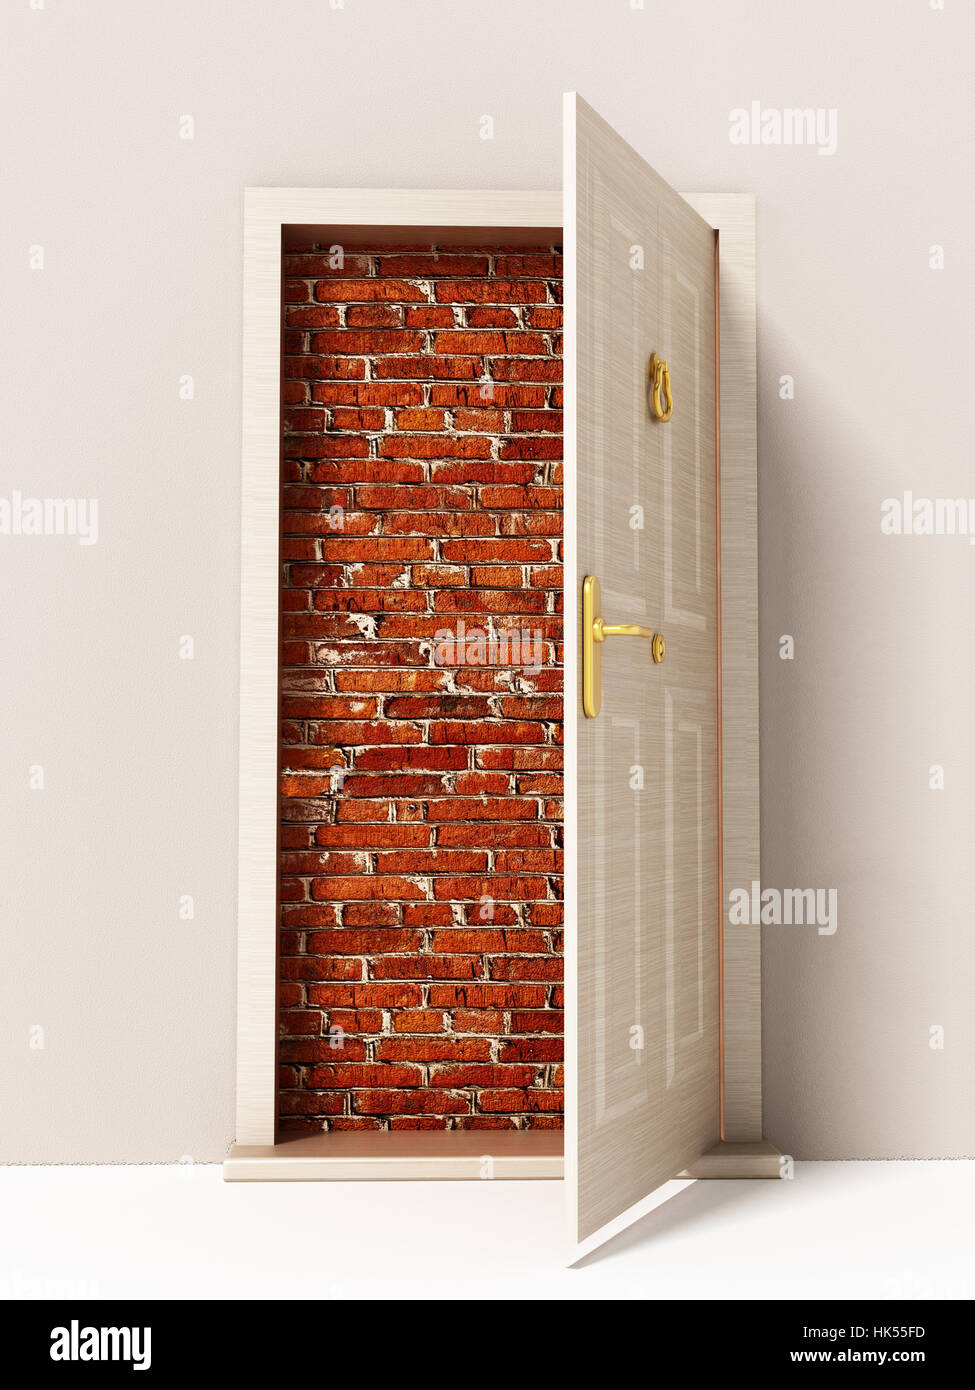 Offenen Tür zur Mauer. 3D Illustration. Stockfoto